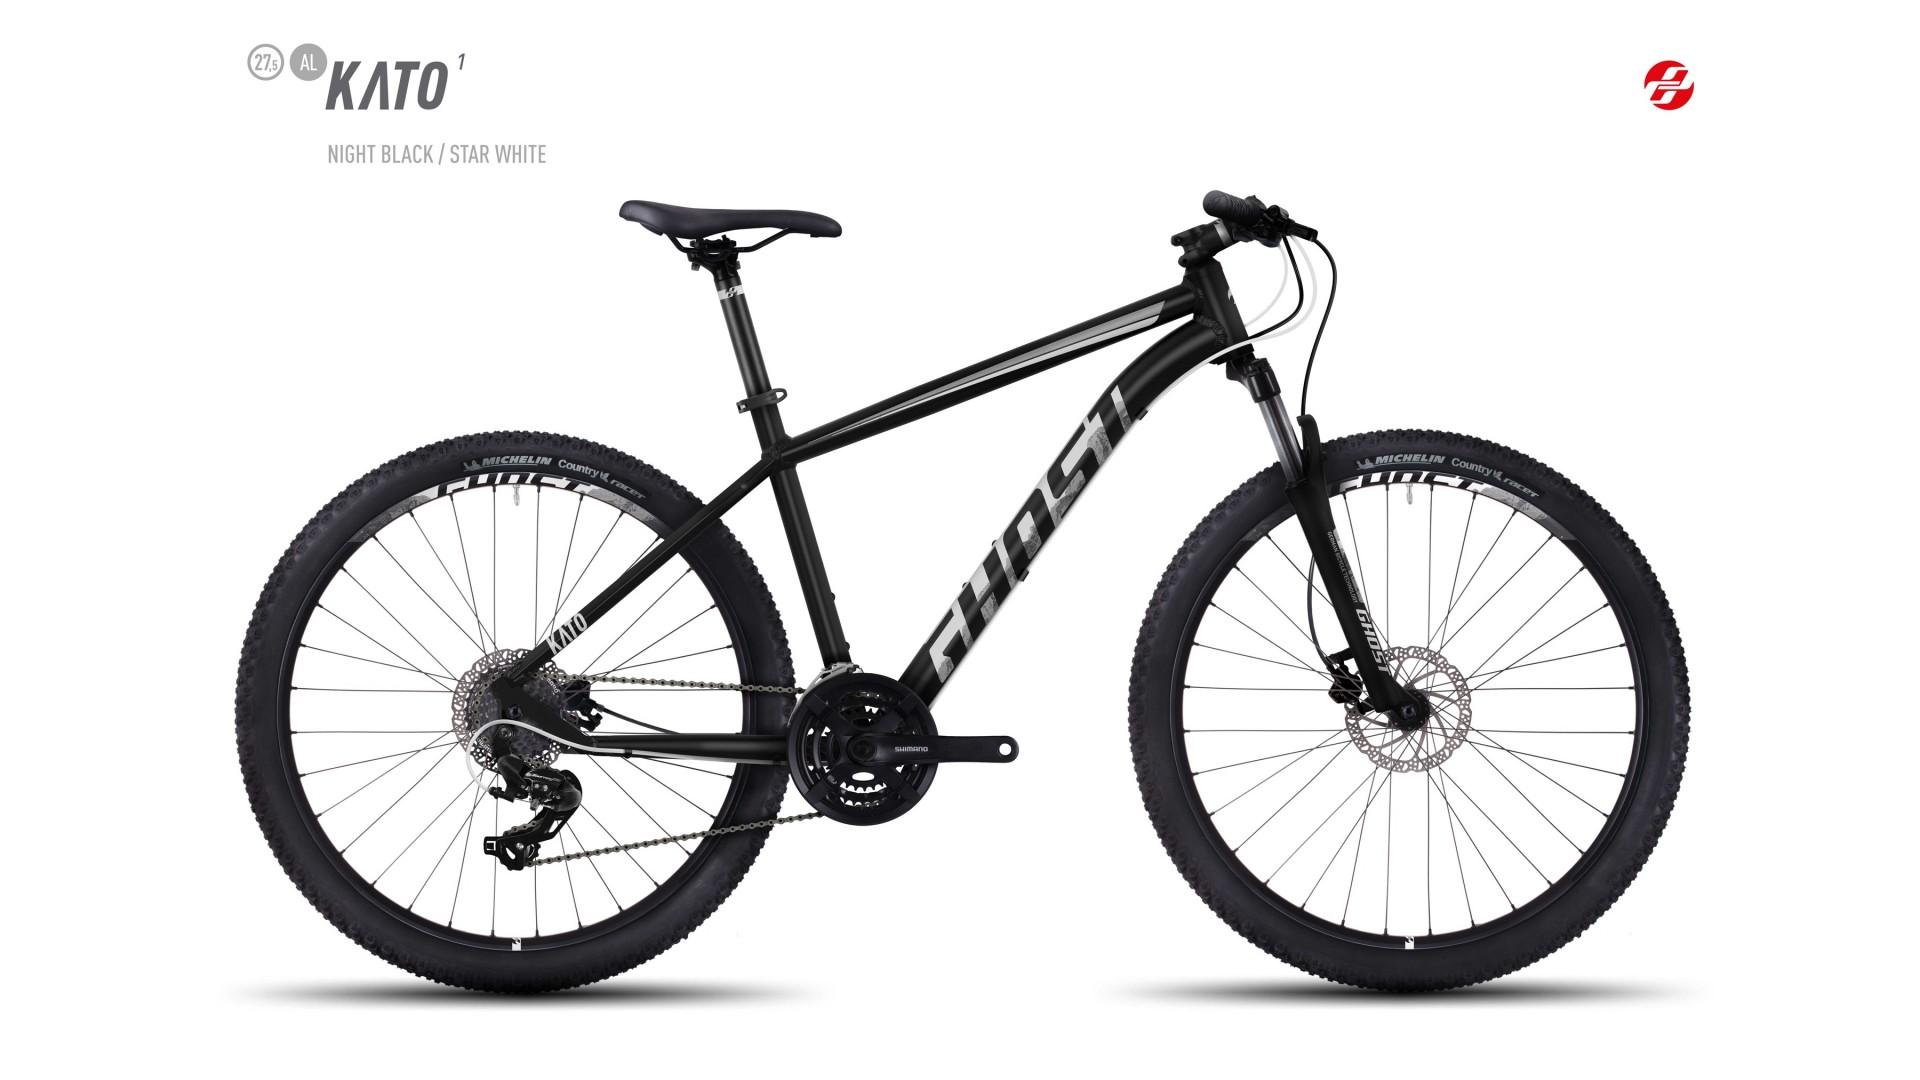 Велосипед GHOST Kato 1 AL 27.5 nightblack/starwhite год 2017